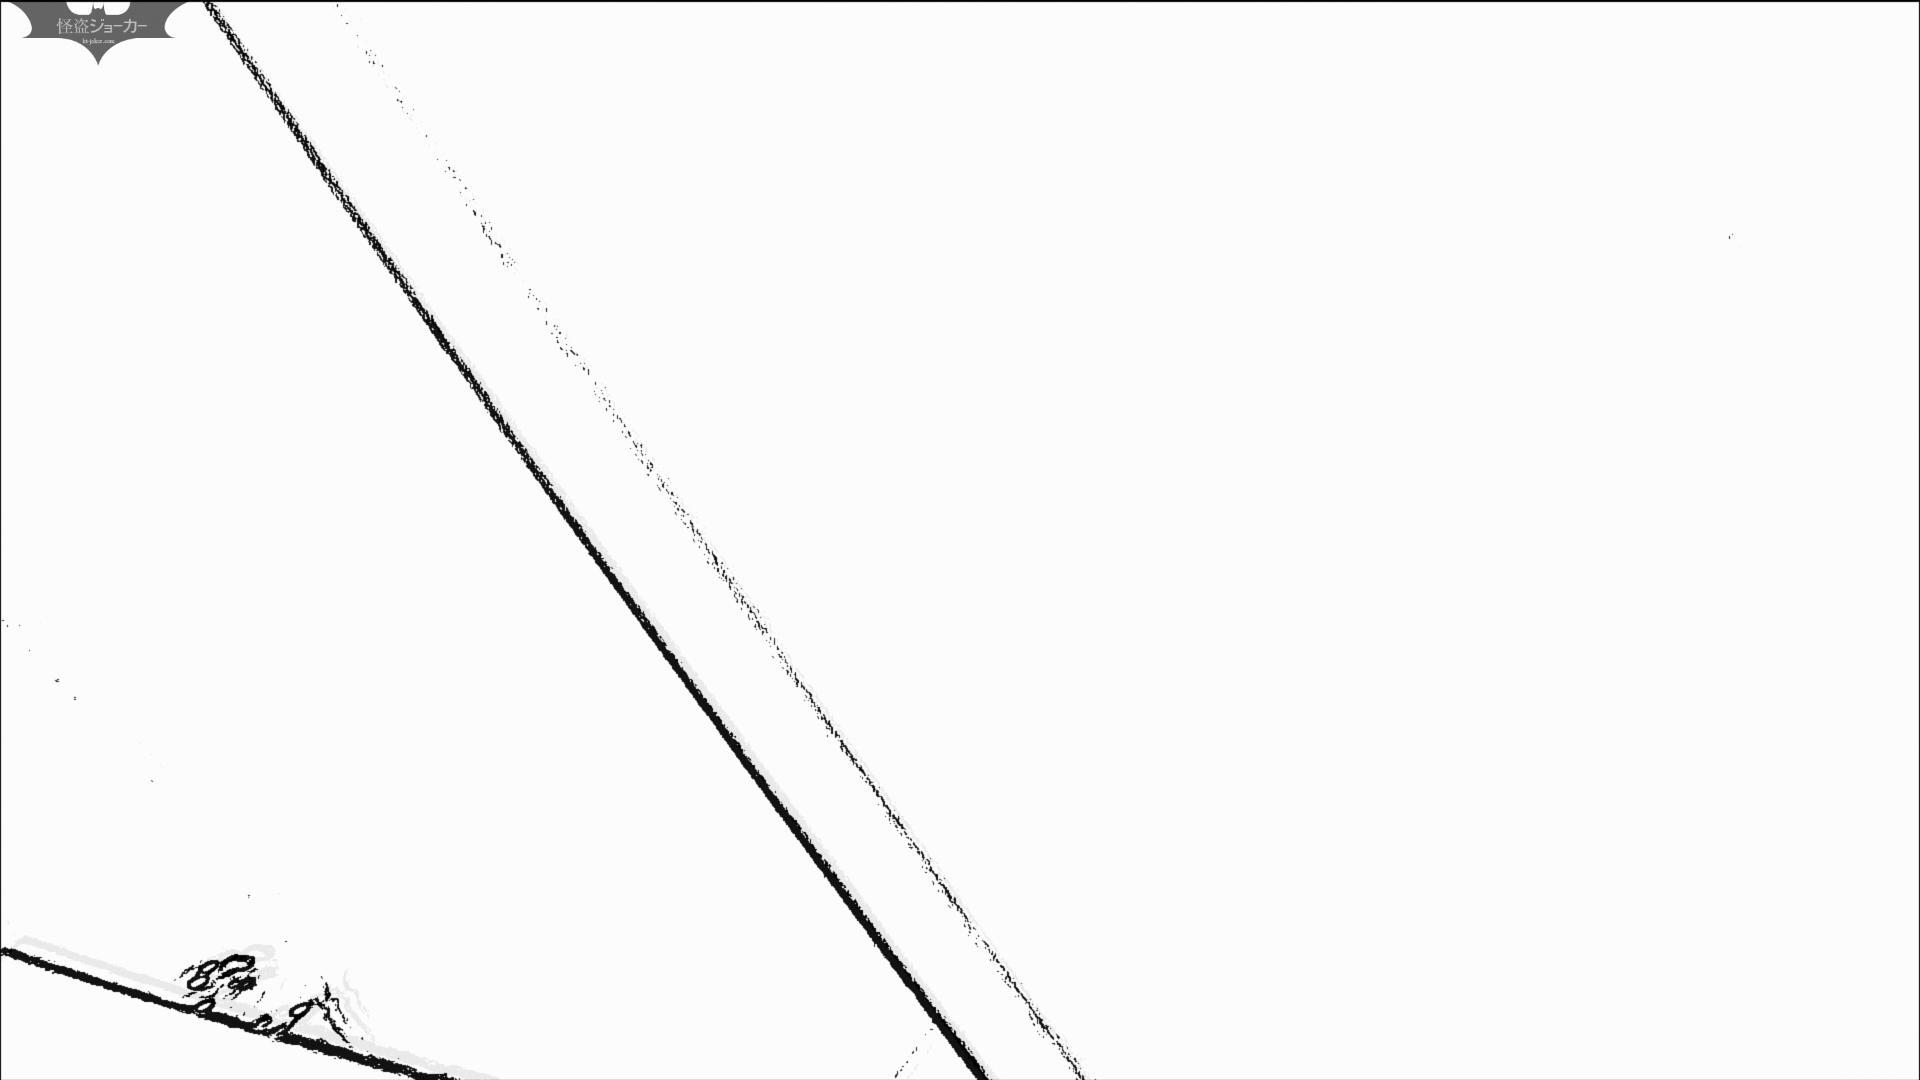 阿国ちゃんの和式洋式七変化 Vol.24 すっごくピクピクしてます。 洗面所  64PIX 20